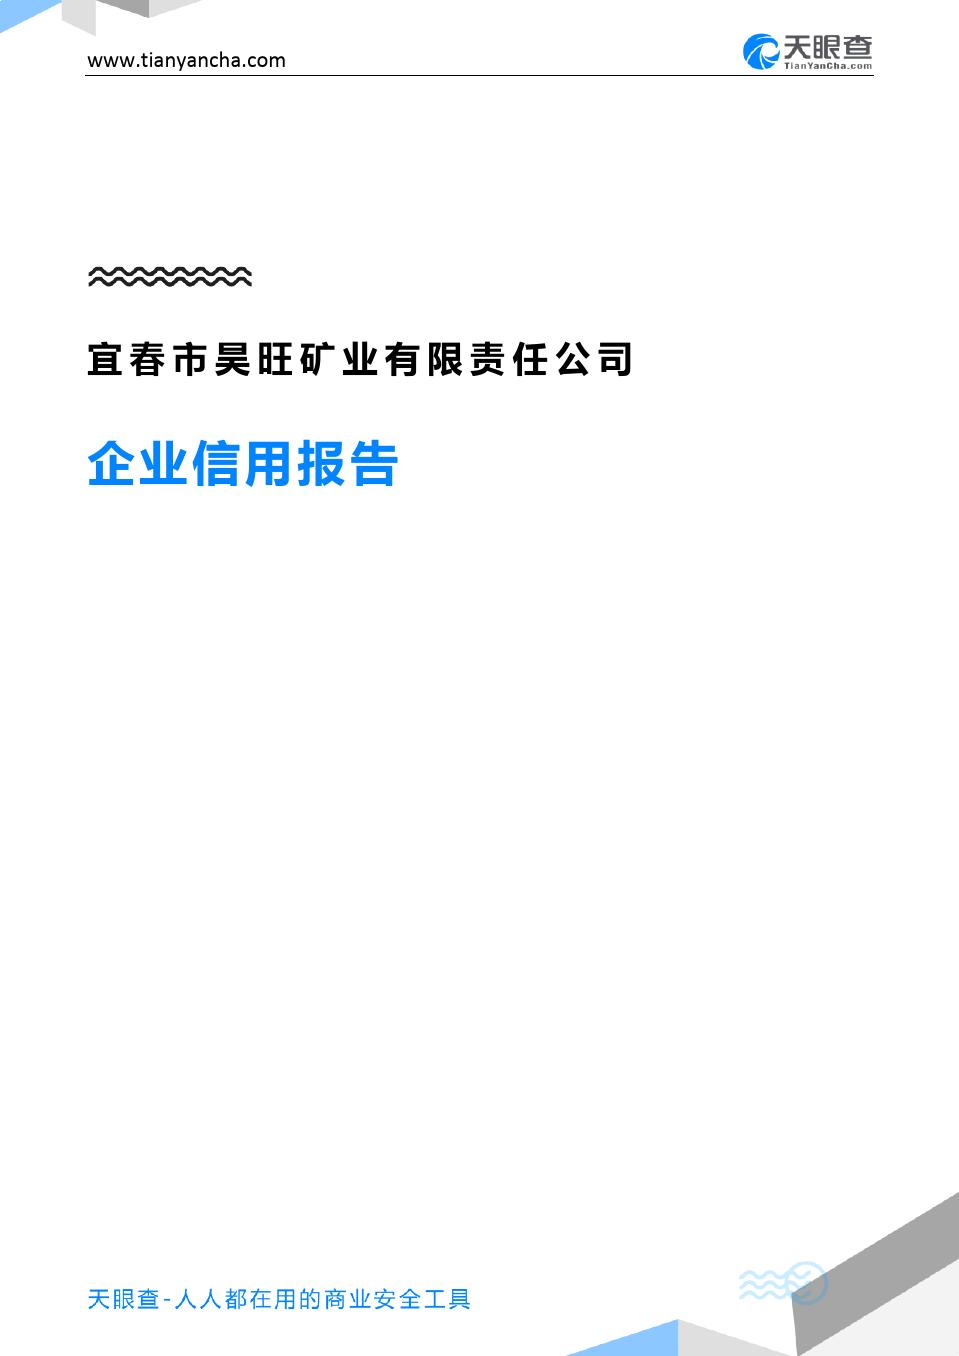 宜春市昊旺矿业有限责任公司(企业信用报告)- 天眼查